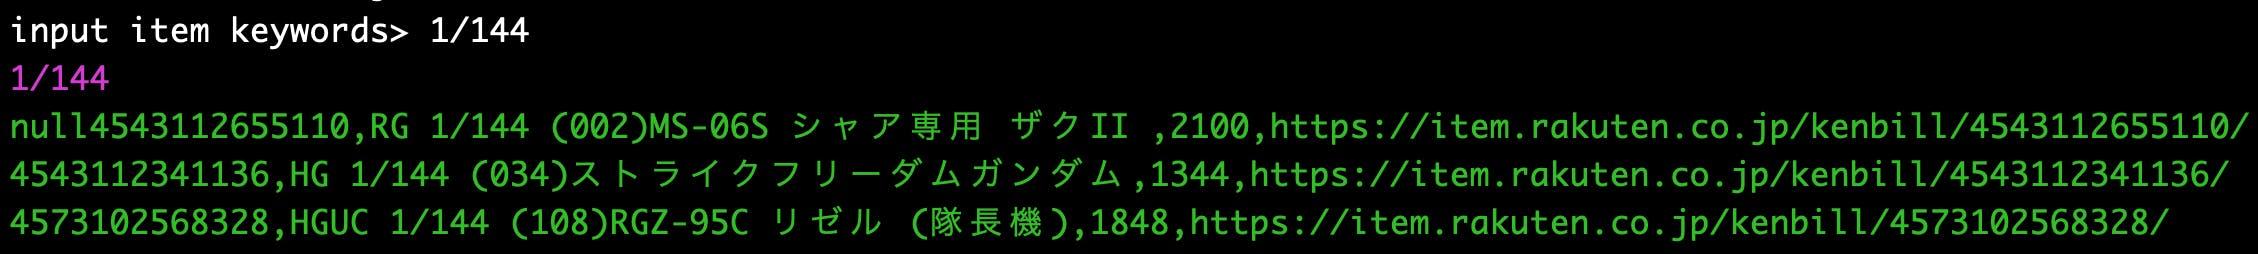 スクリーンショット 2019-04-20 21.35.19.png